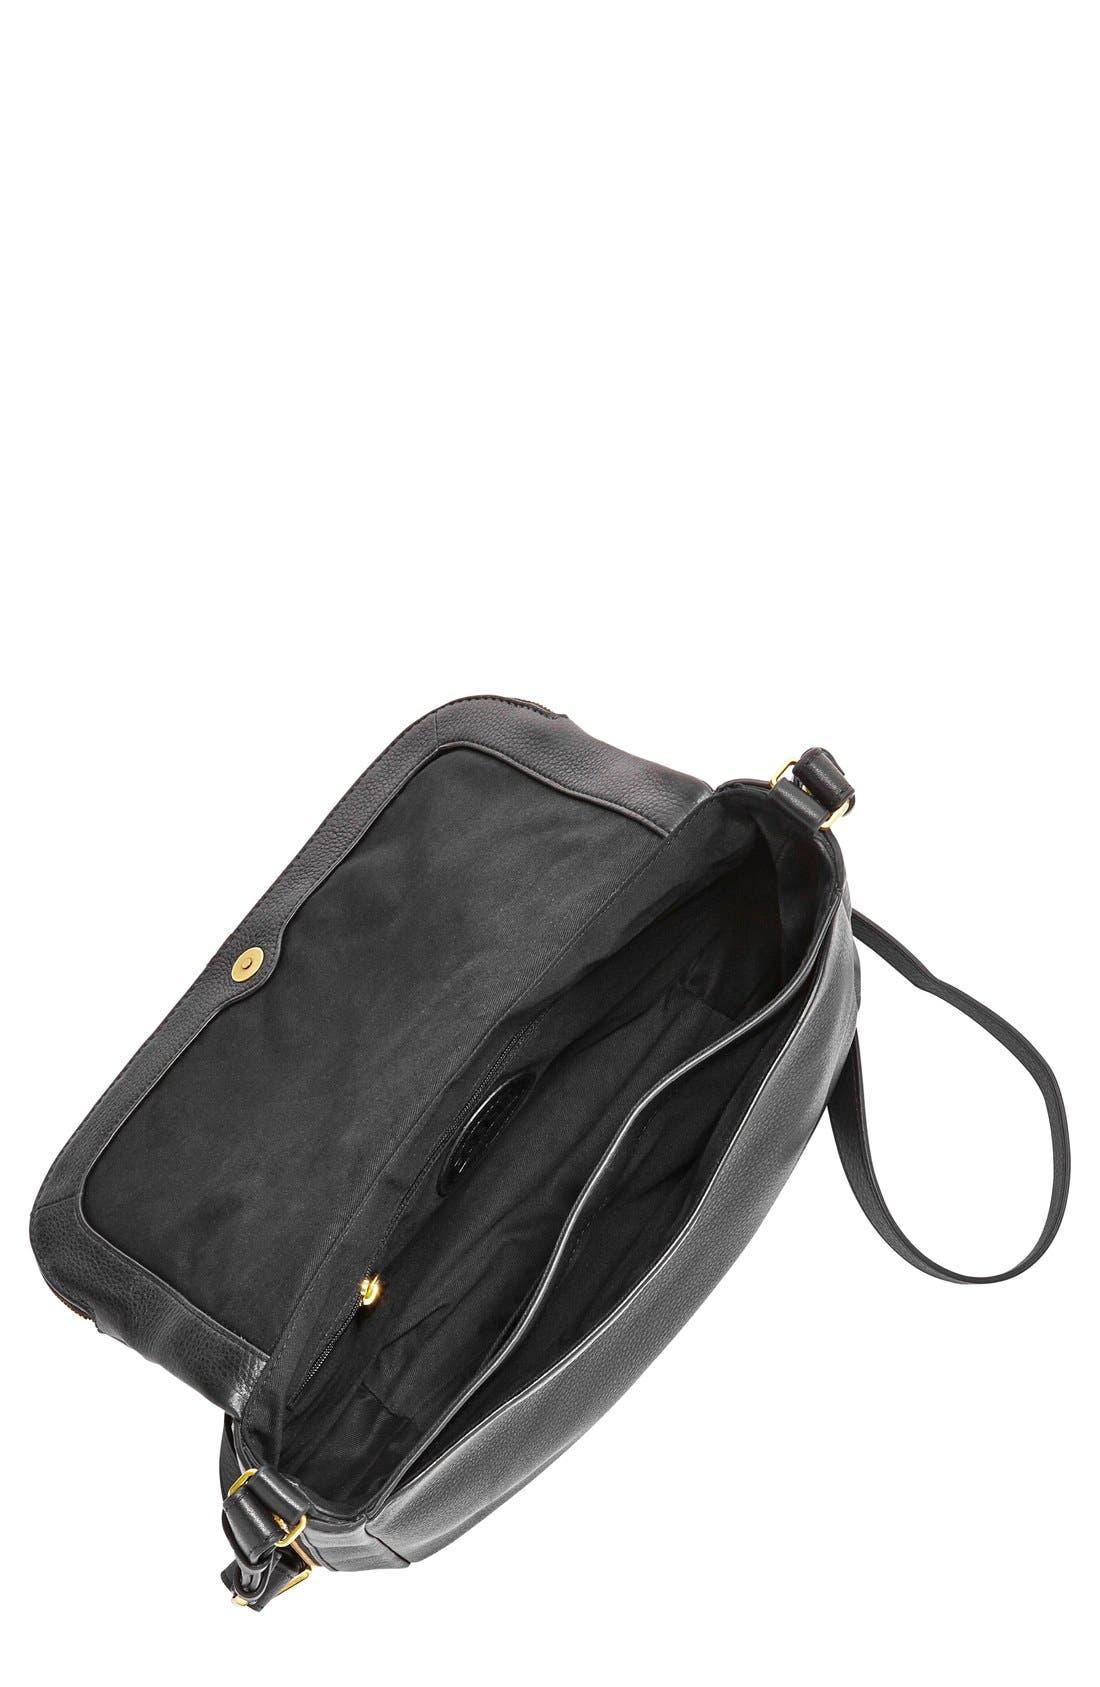 FOSSIL,                             'Preston' Leather Shoulder Bag,                             Alternate thumbnail 3, color,                             001